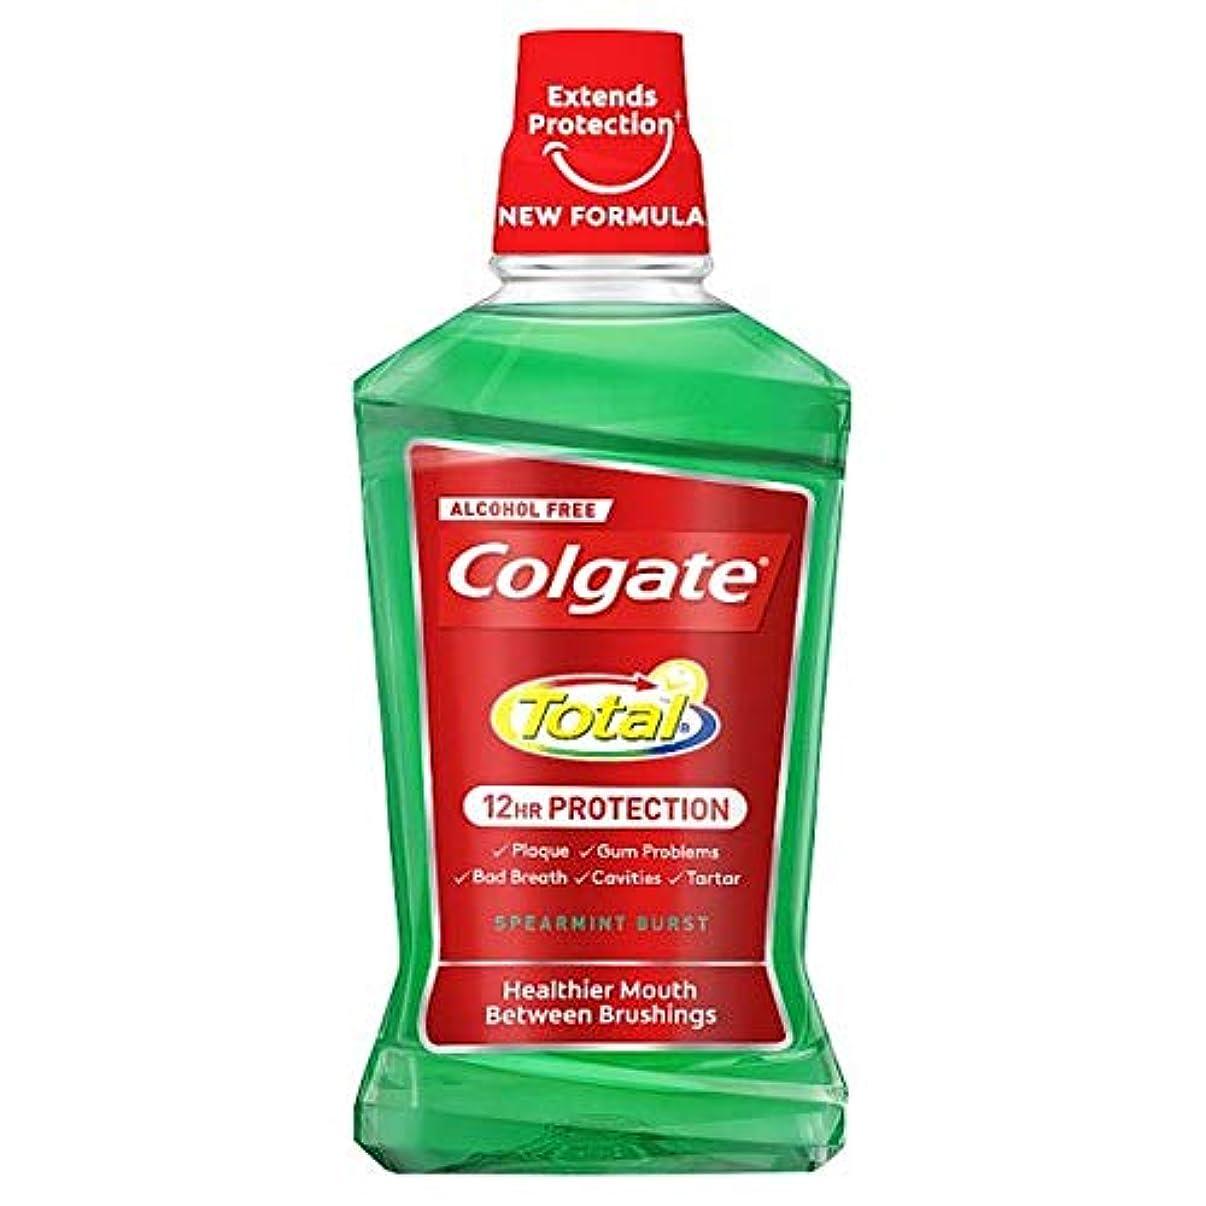 苦しむふける懇願する[Colgate ] コルゲートトータル高度なスペアミントマウスウォッシュ500ミリリットル - Colgate Total Advanced Spearmint Mouthwash 500Ml [並行輸入品]